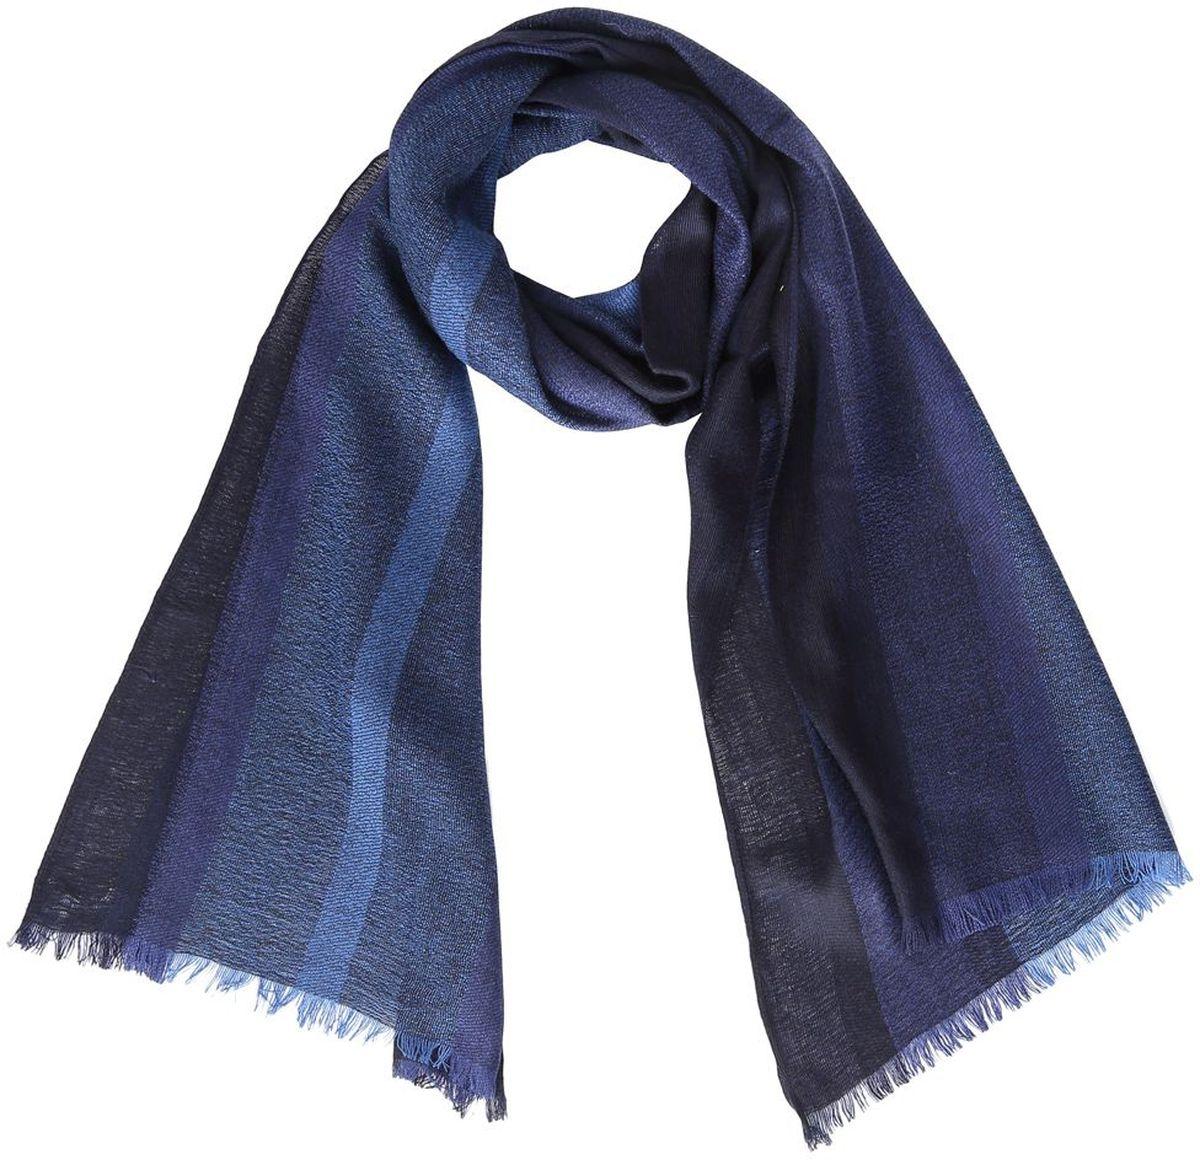 ШарфBG15165-3Мужской шарф – Fabretti из 100% шерсти приятный на ощупь, идеально дополнит Ваш образ и подчеркнет индивидуальность.